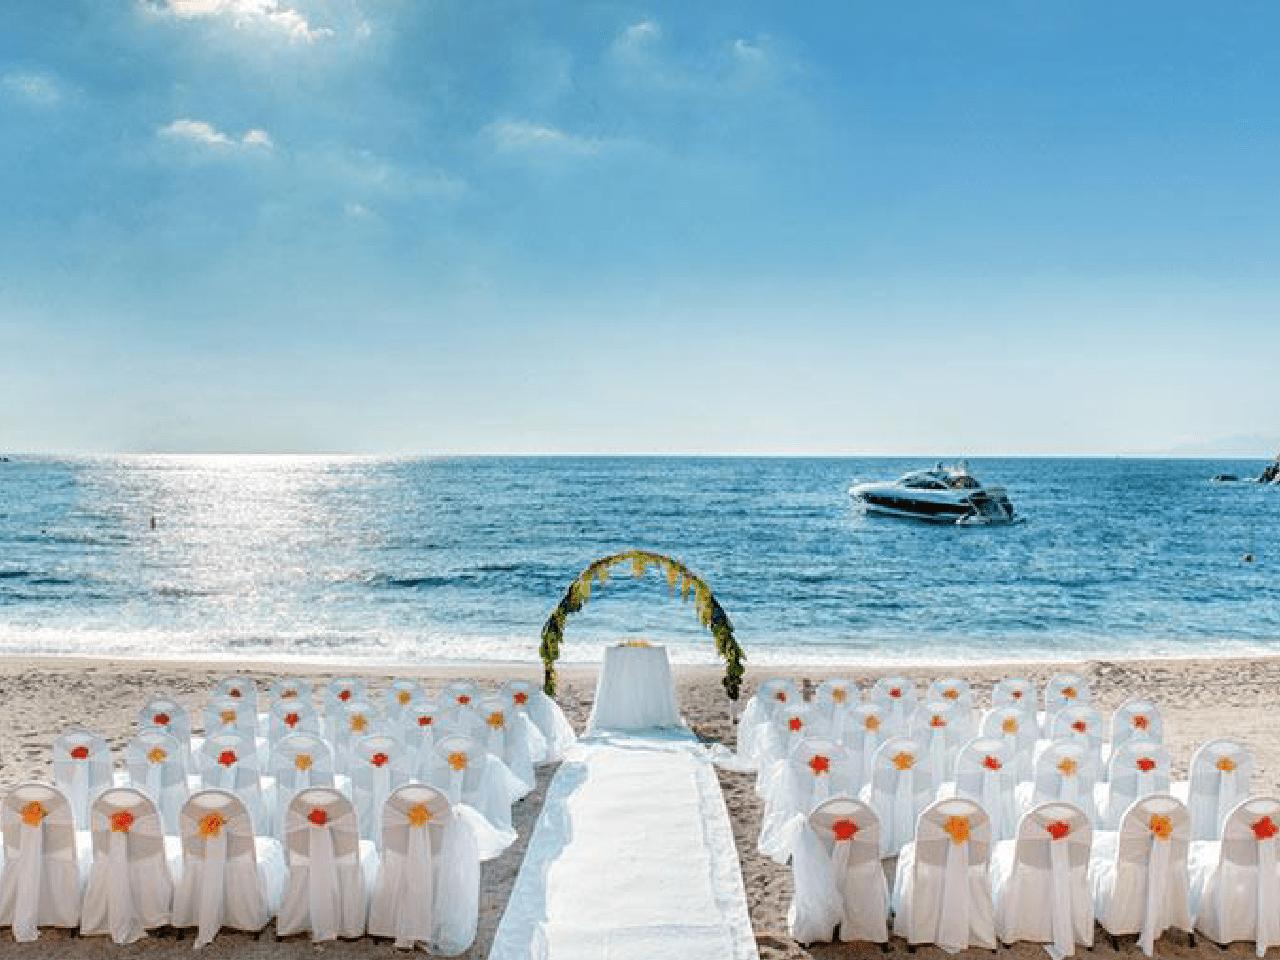 Bodas en la playa paquetes - decoración